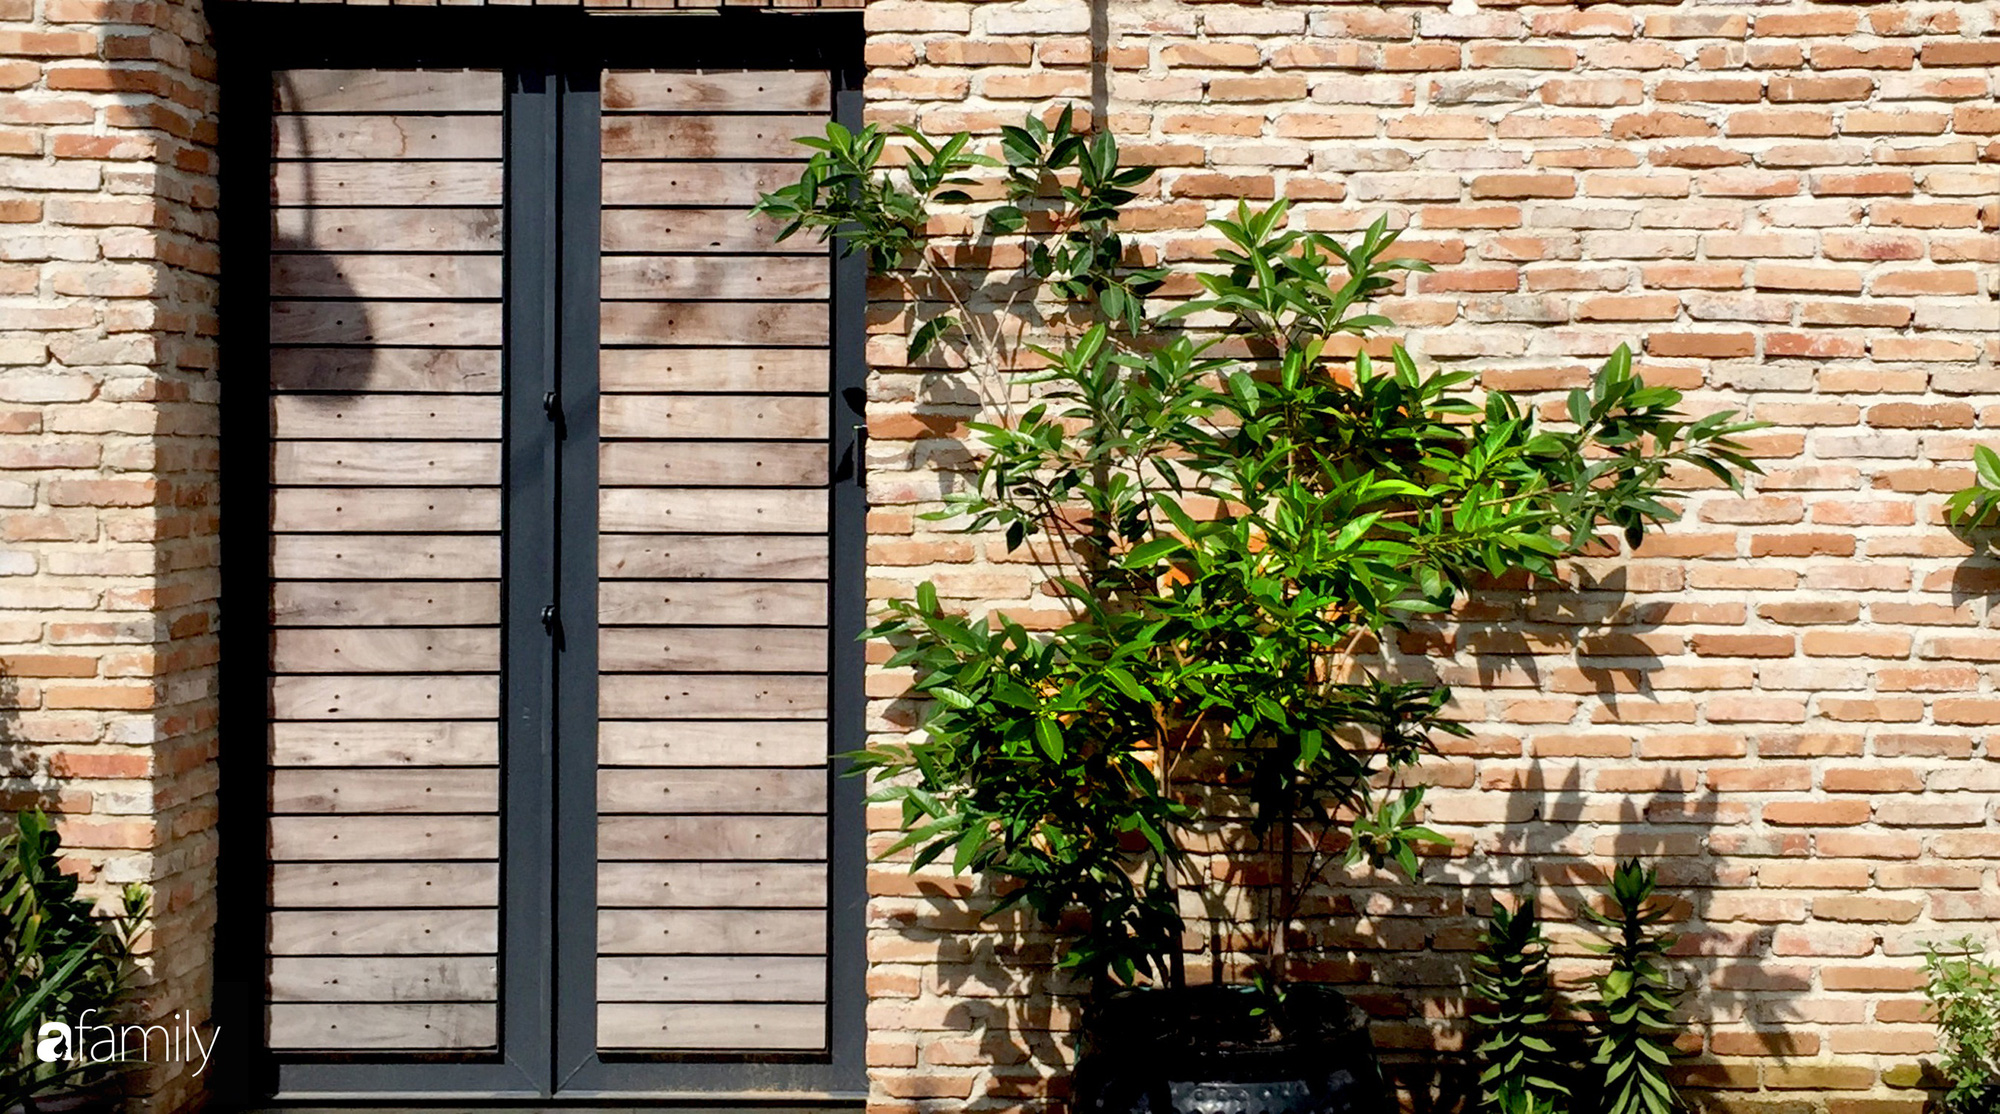 Ngôi nhà rộn ràng sắc màu cây xnh và ánh sáng i ngắm cũng yêu ở TP Biên Hò, Đồng Ni - Ảnh 5.